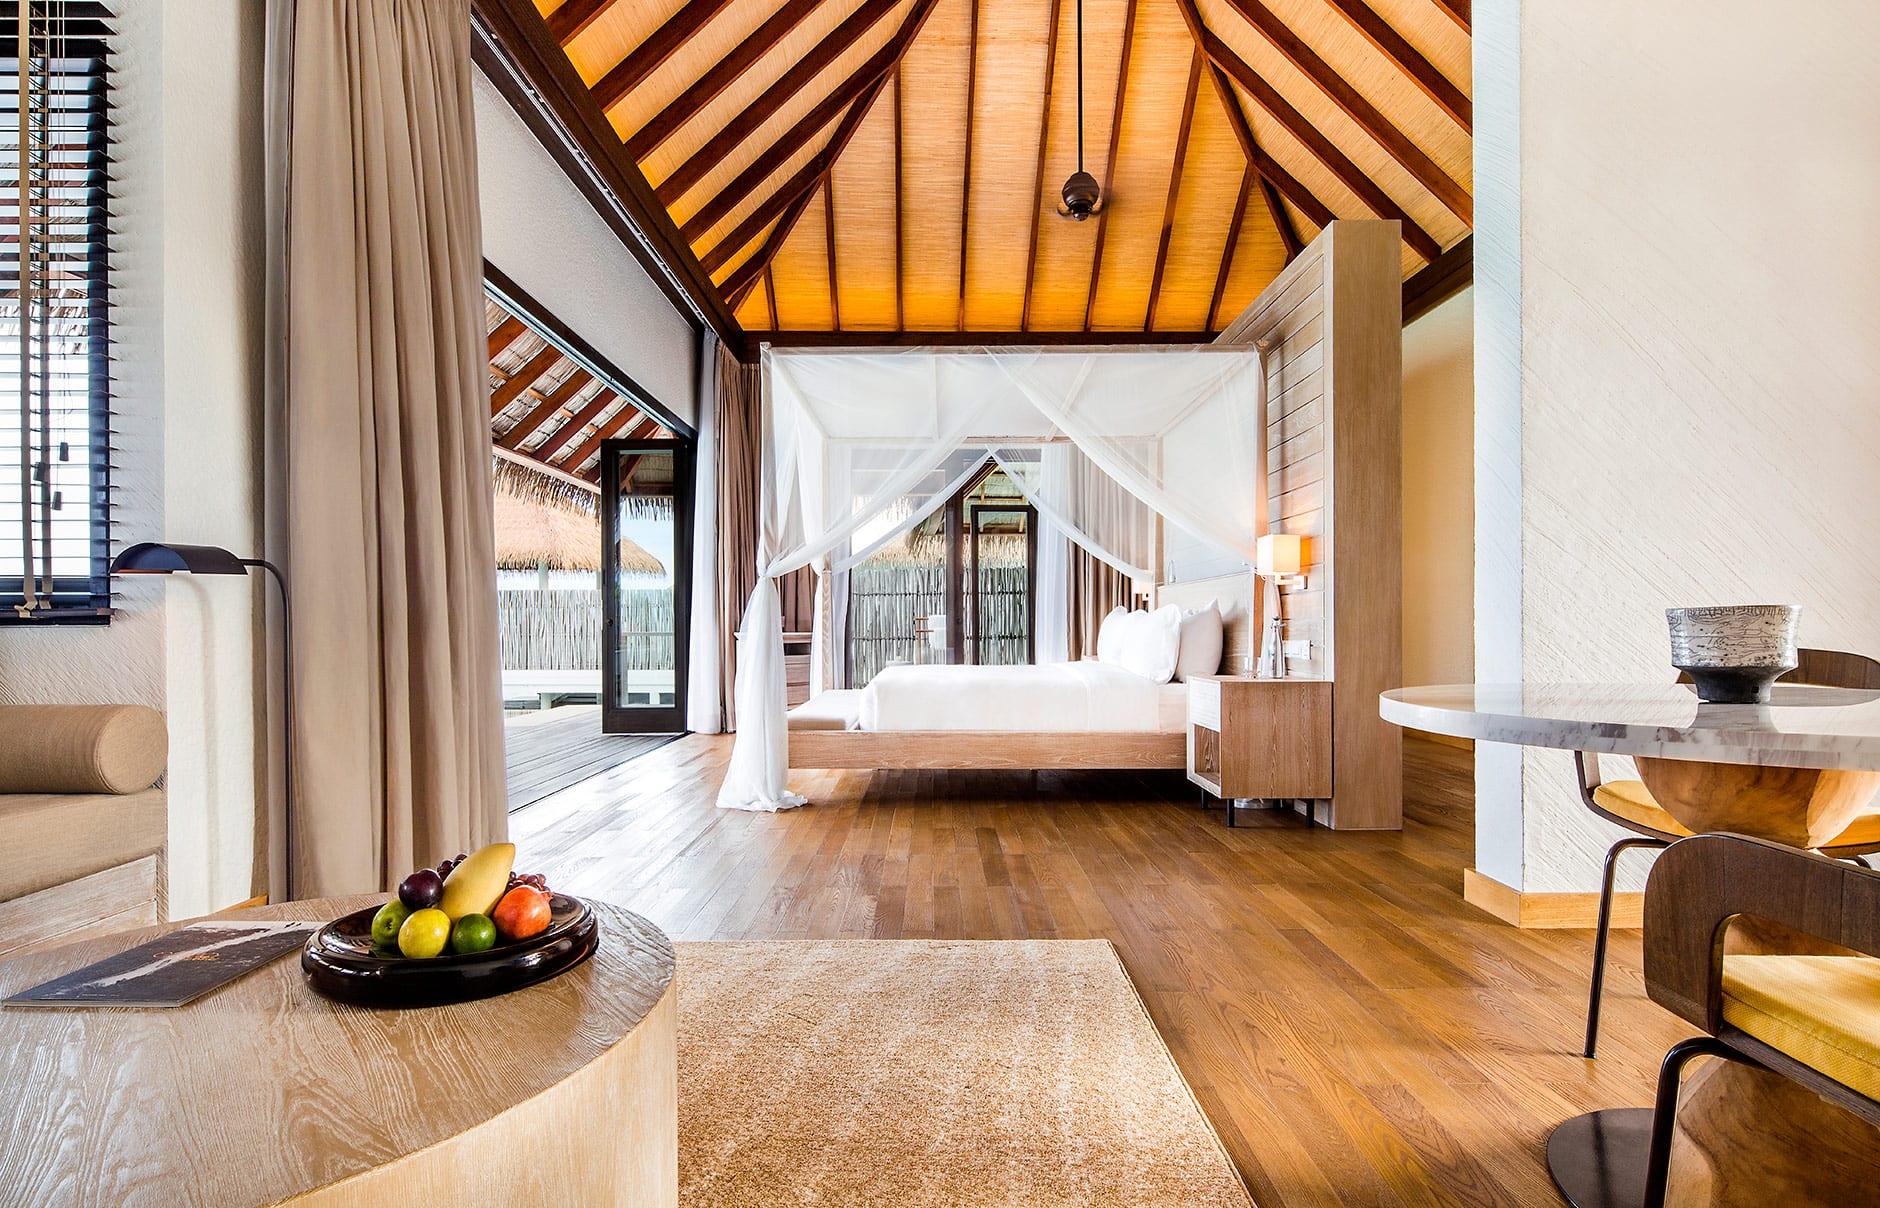 Water Suite. Maalifushi by COMO, Maldives. © COMO Hotels & Resorts